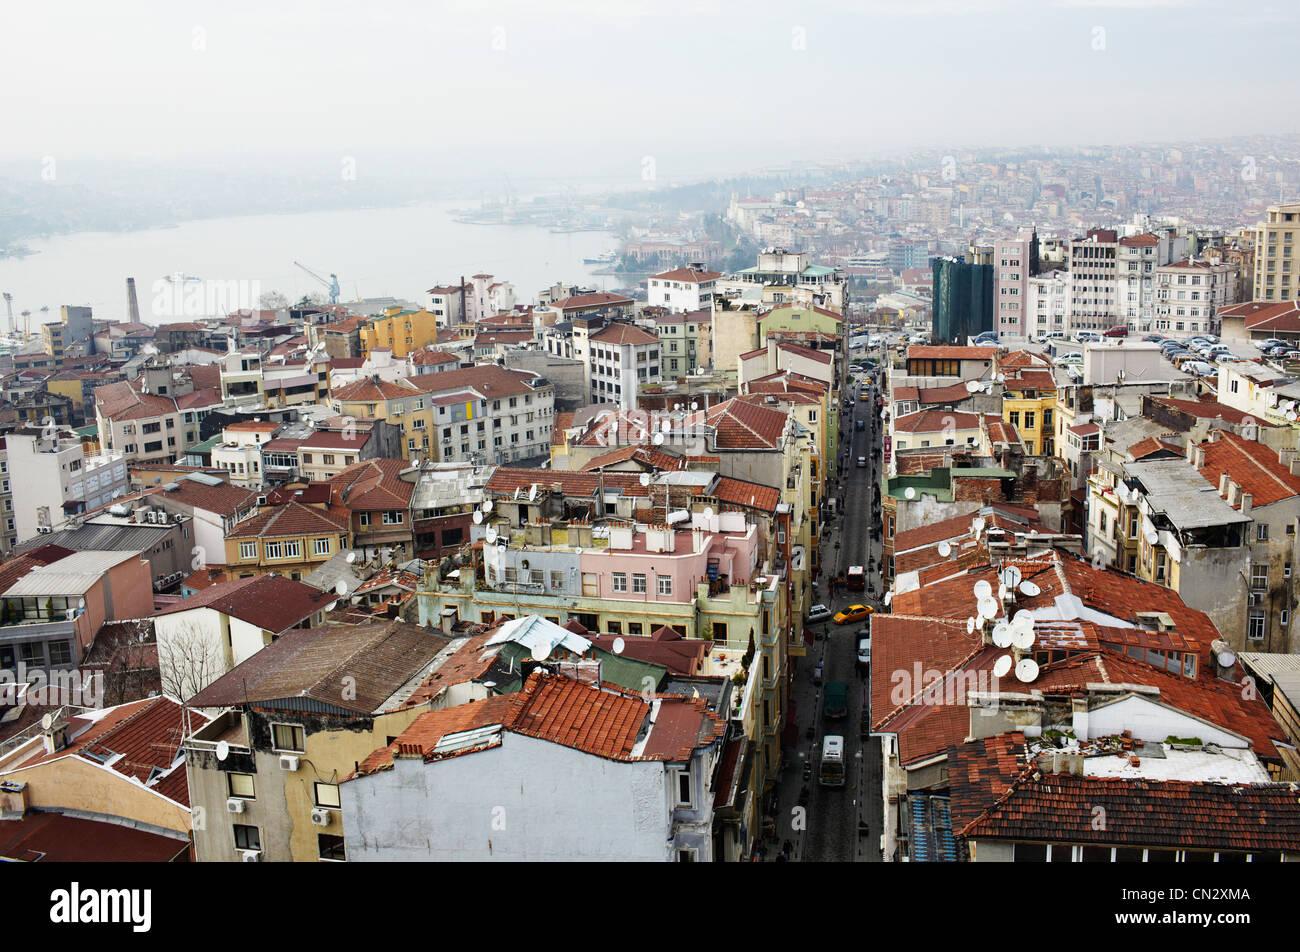 Edificios y tejados, Estambul, Turquía Imagen De Stock